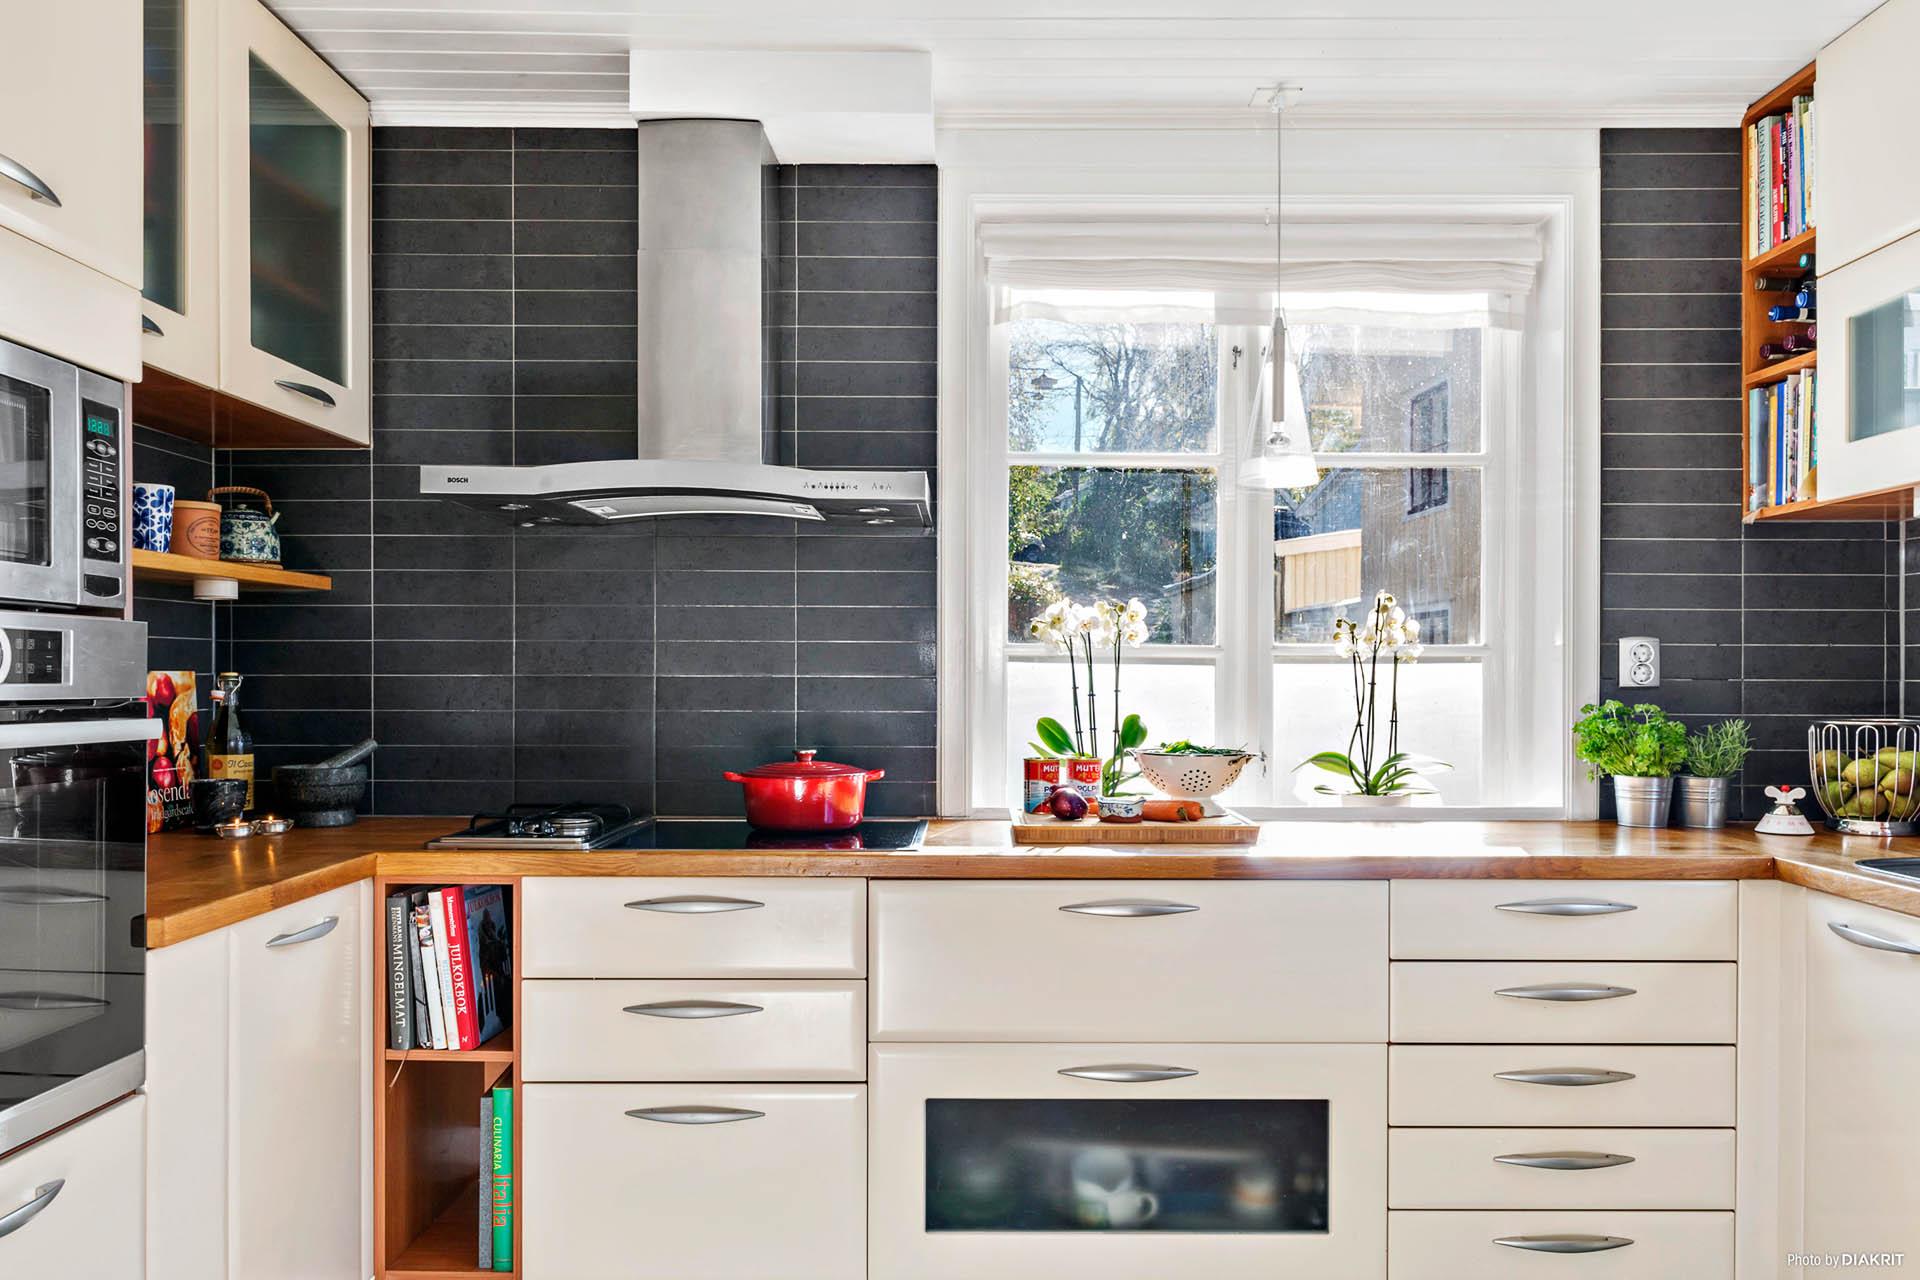 KÖK - Inbyggd ugn o micro, spis med glashäll och två gasplattor för trevlig matlagning